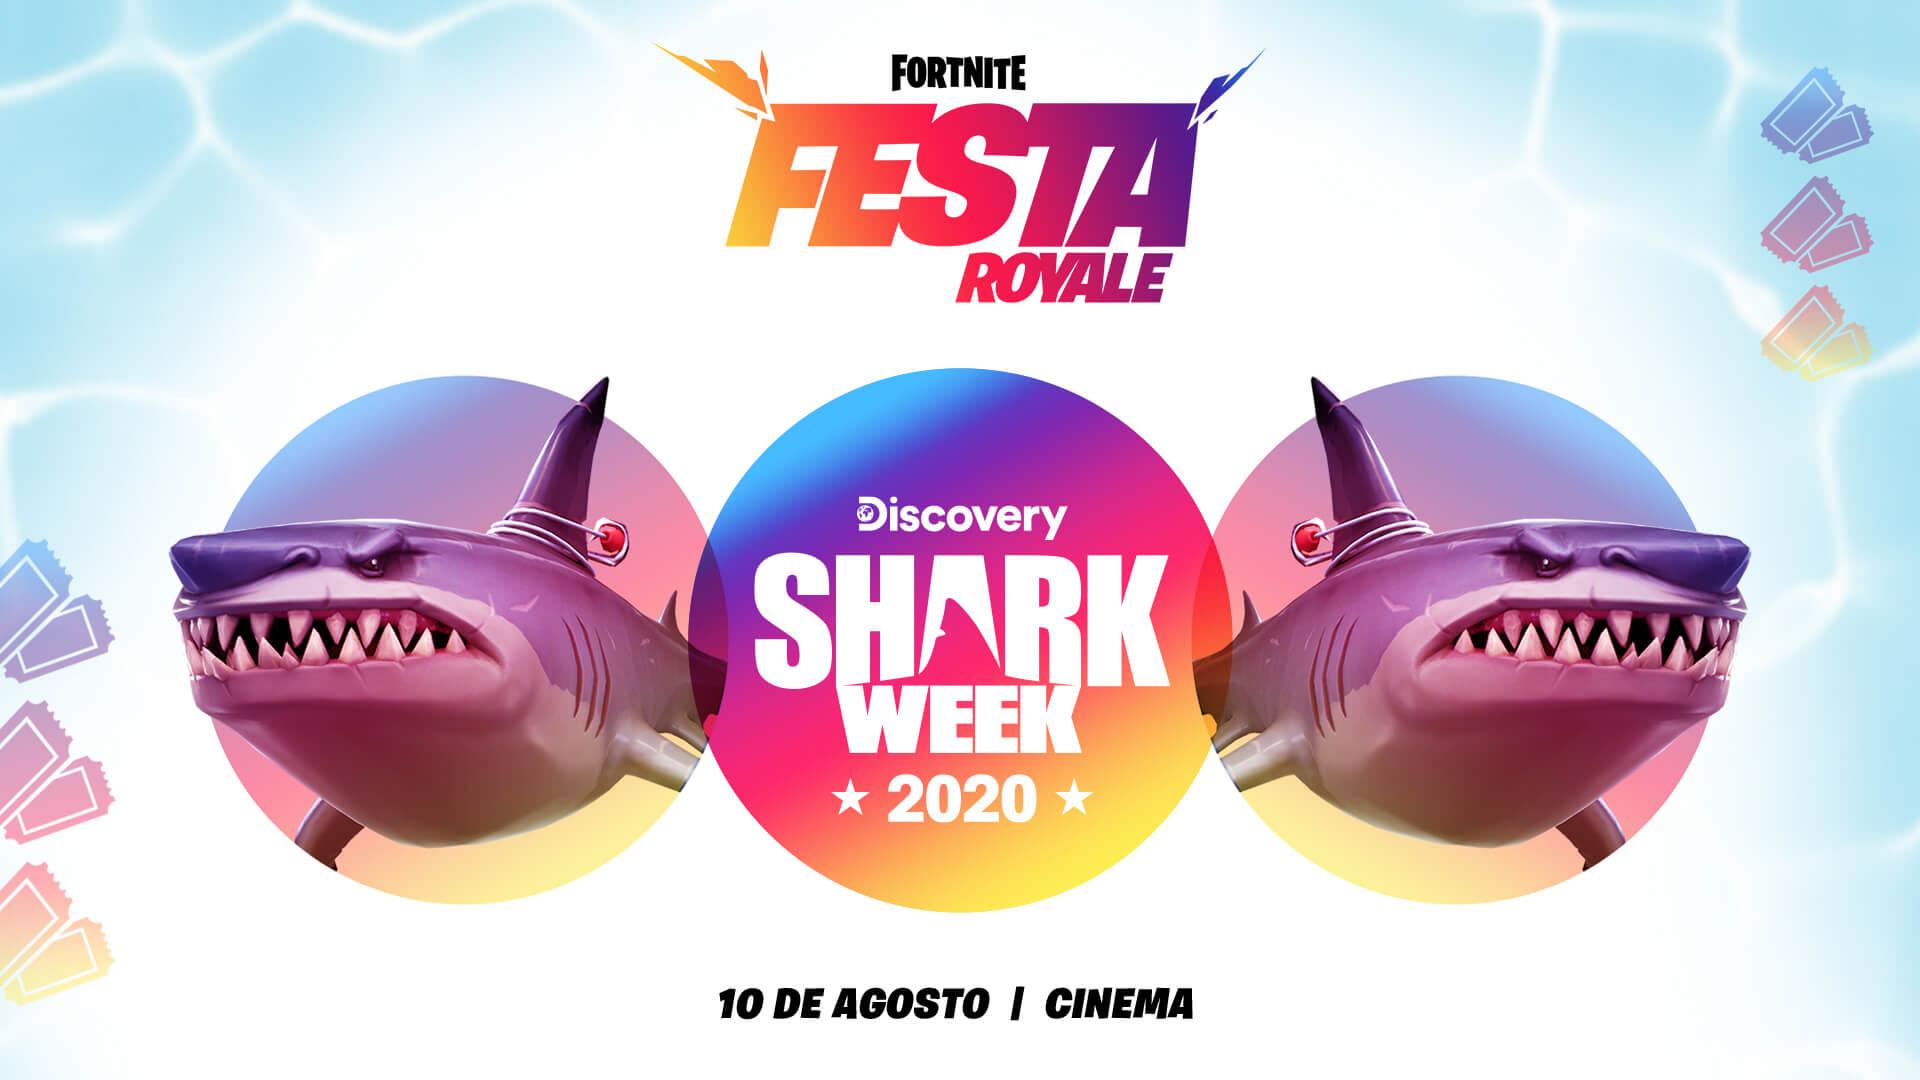 PT BR 13PR SharkWeek Announce Social